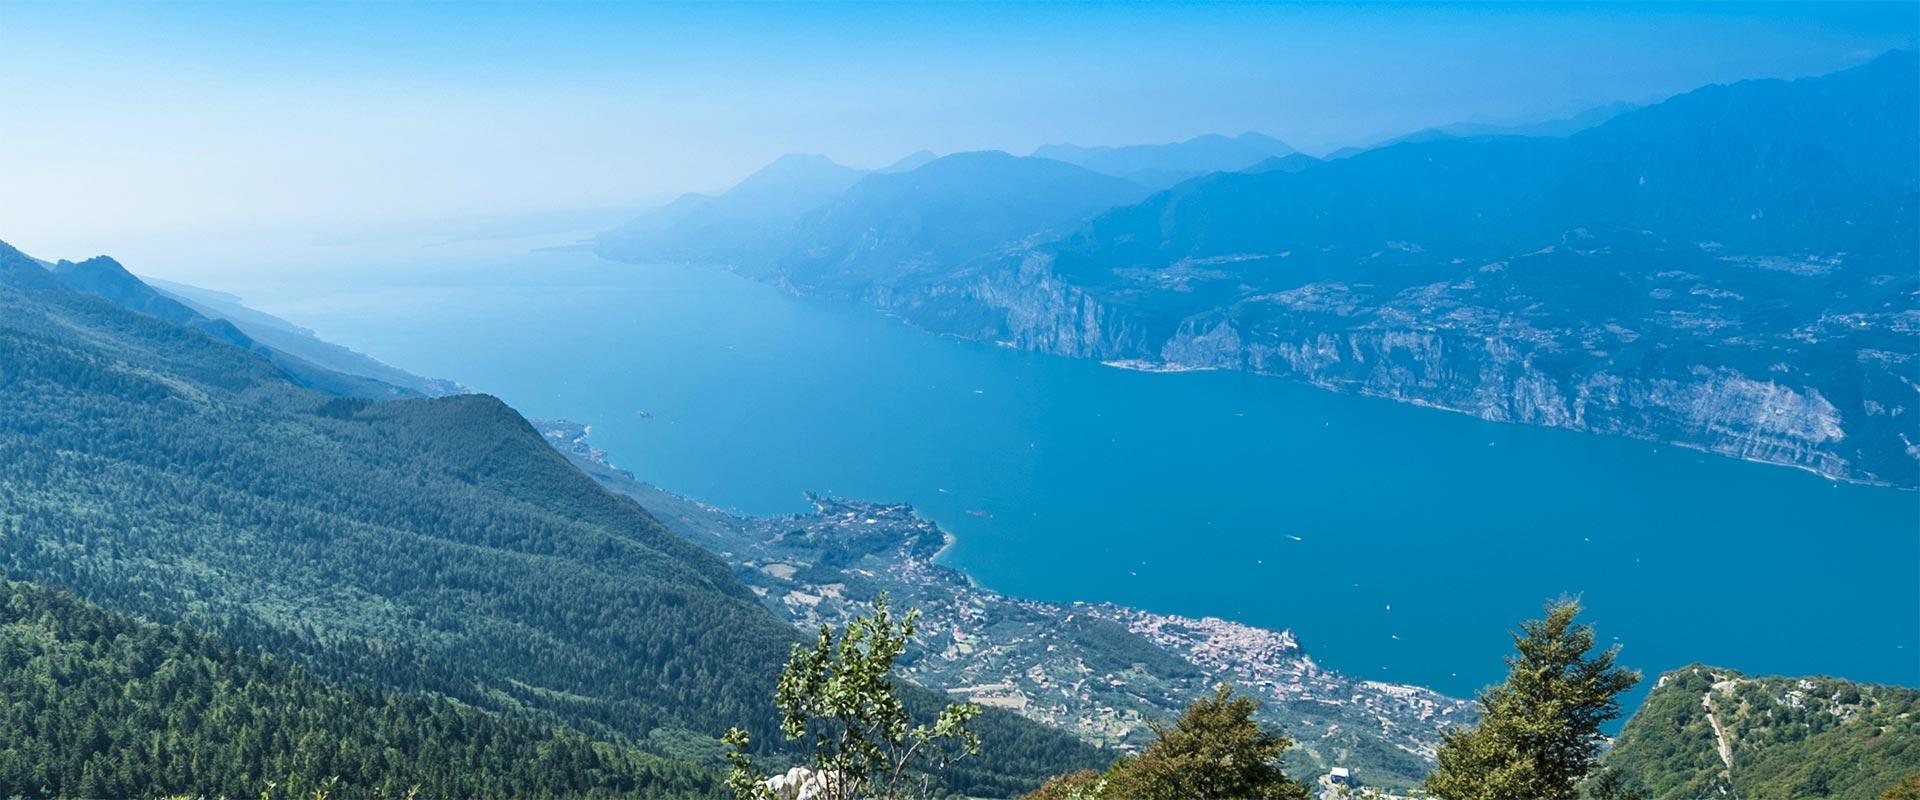 What To Do On Monte Baldo